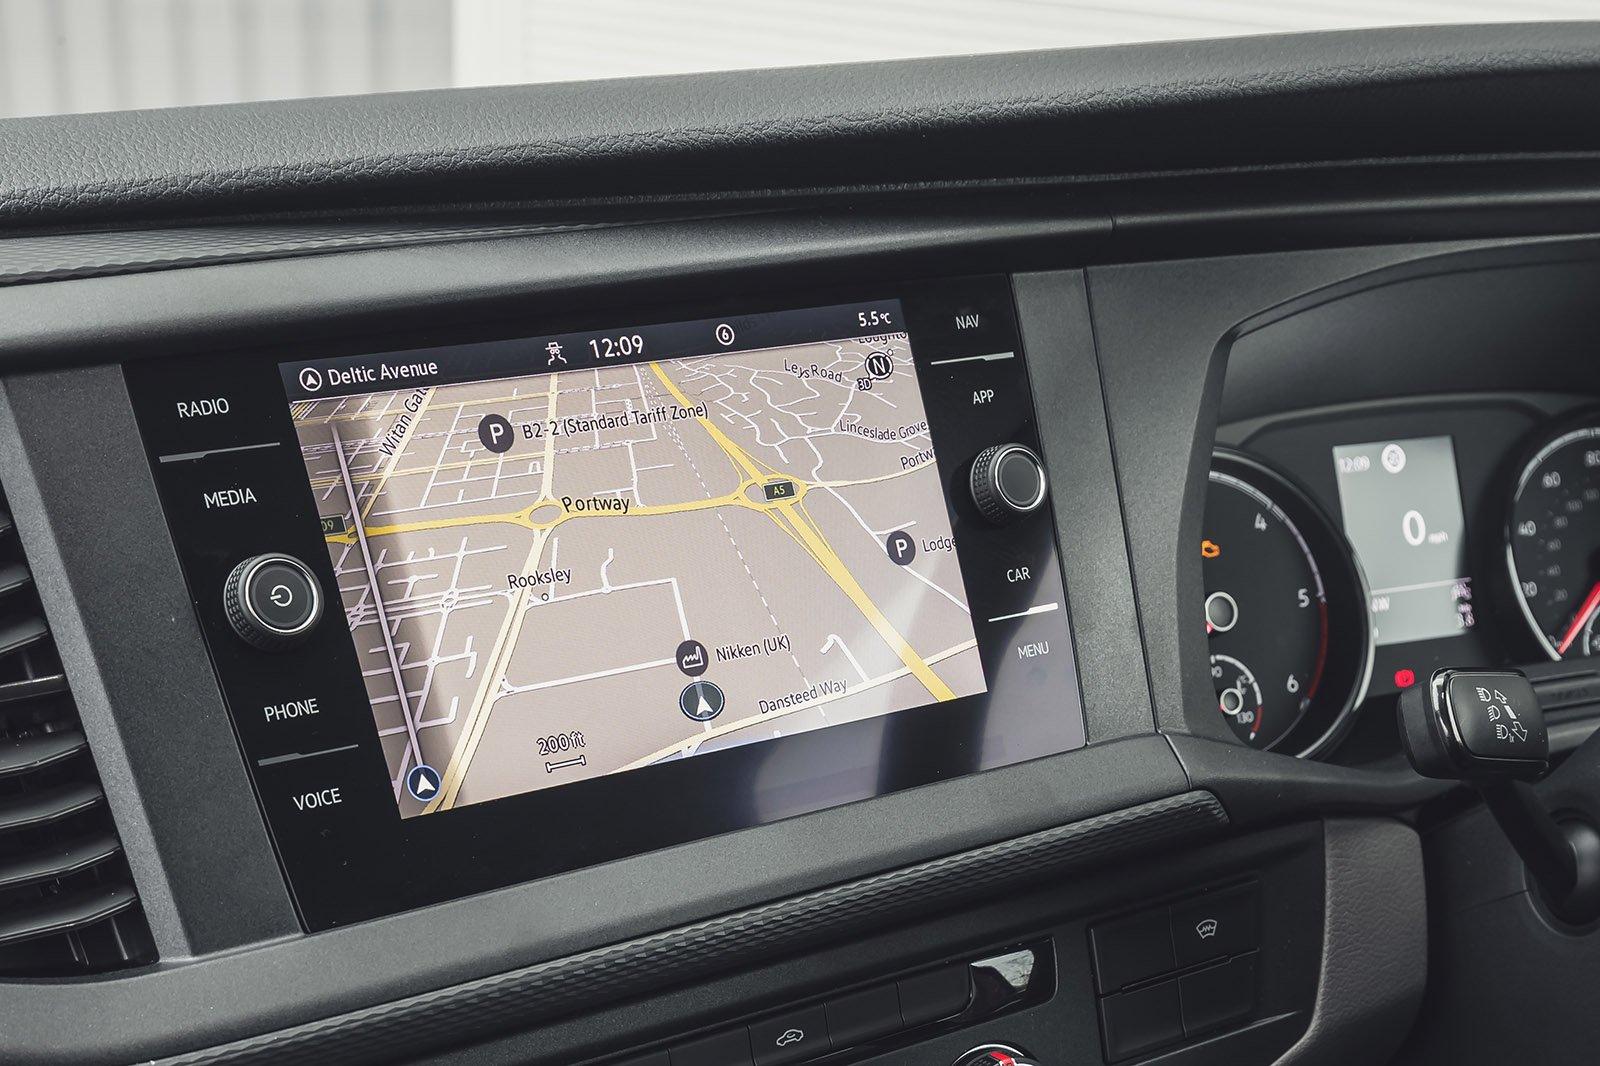 Volkswagen Transporter 6.1 2020 RHD infotainment